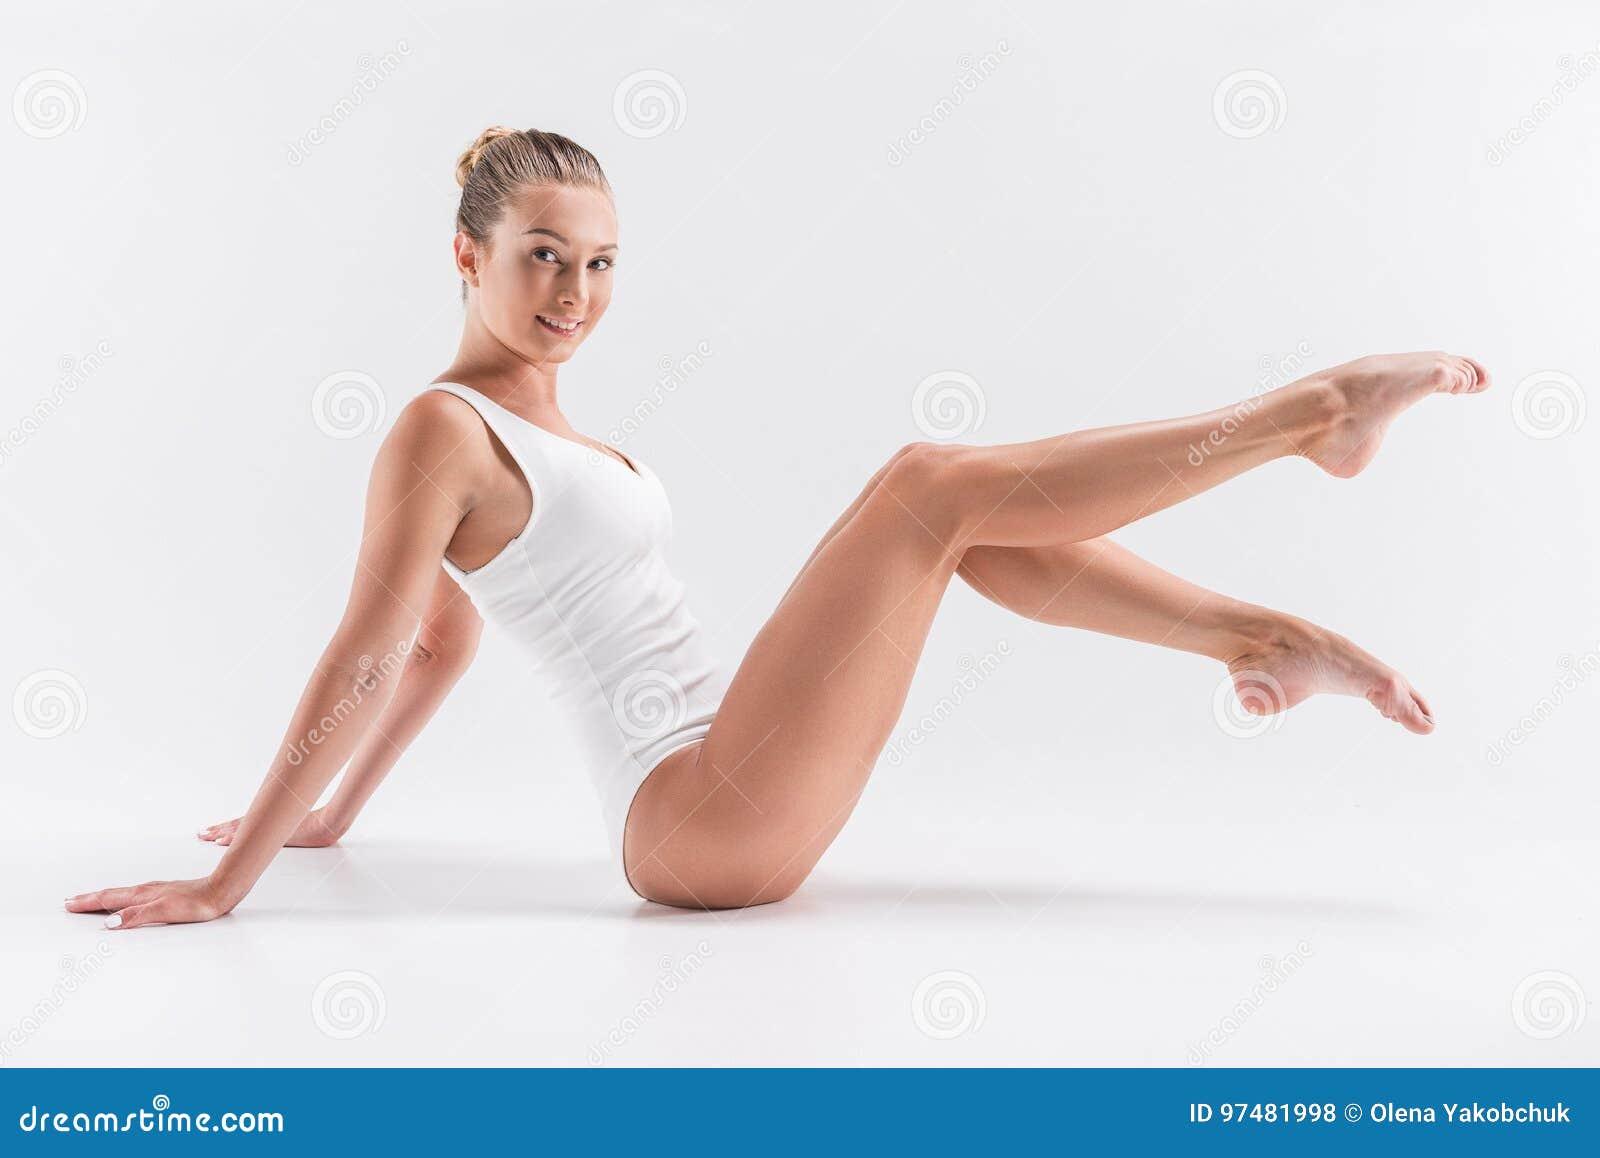 Ragazza giovanile di buon umore che pratica esercizio relativo alla ginnastica